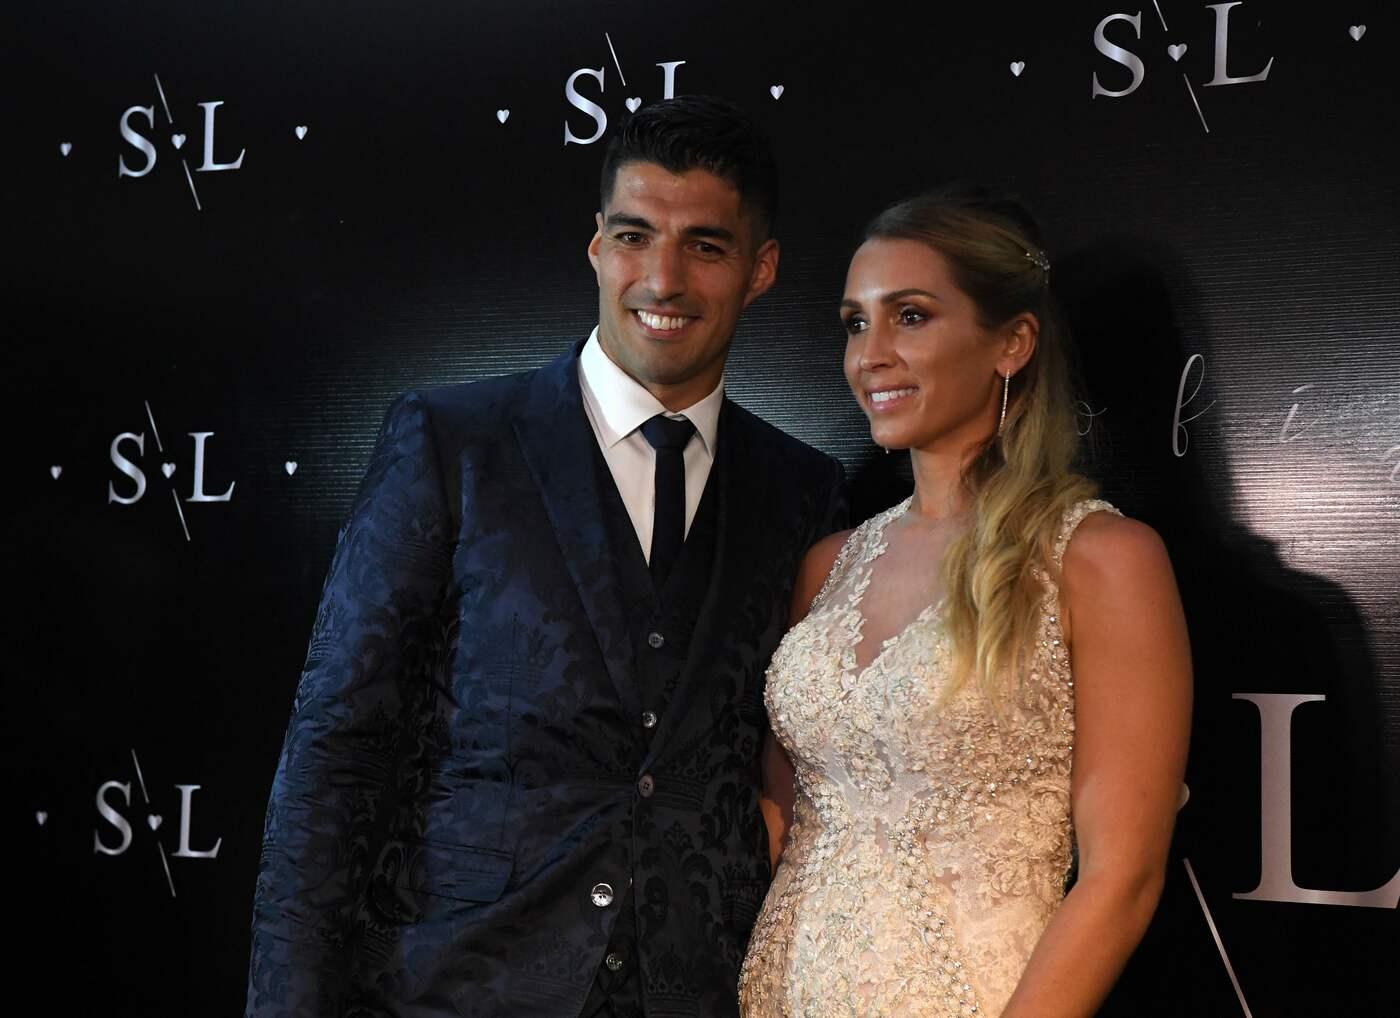 Luis Suarez e la moglie festeggiano 10 anni di matrimonio, mega ...